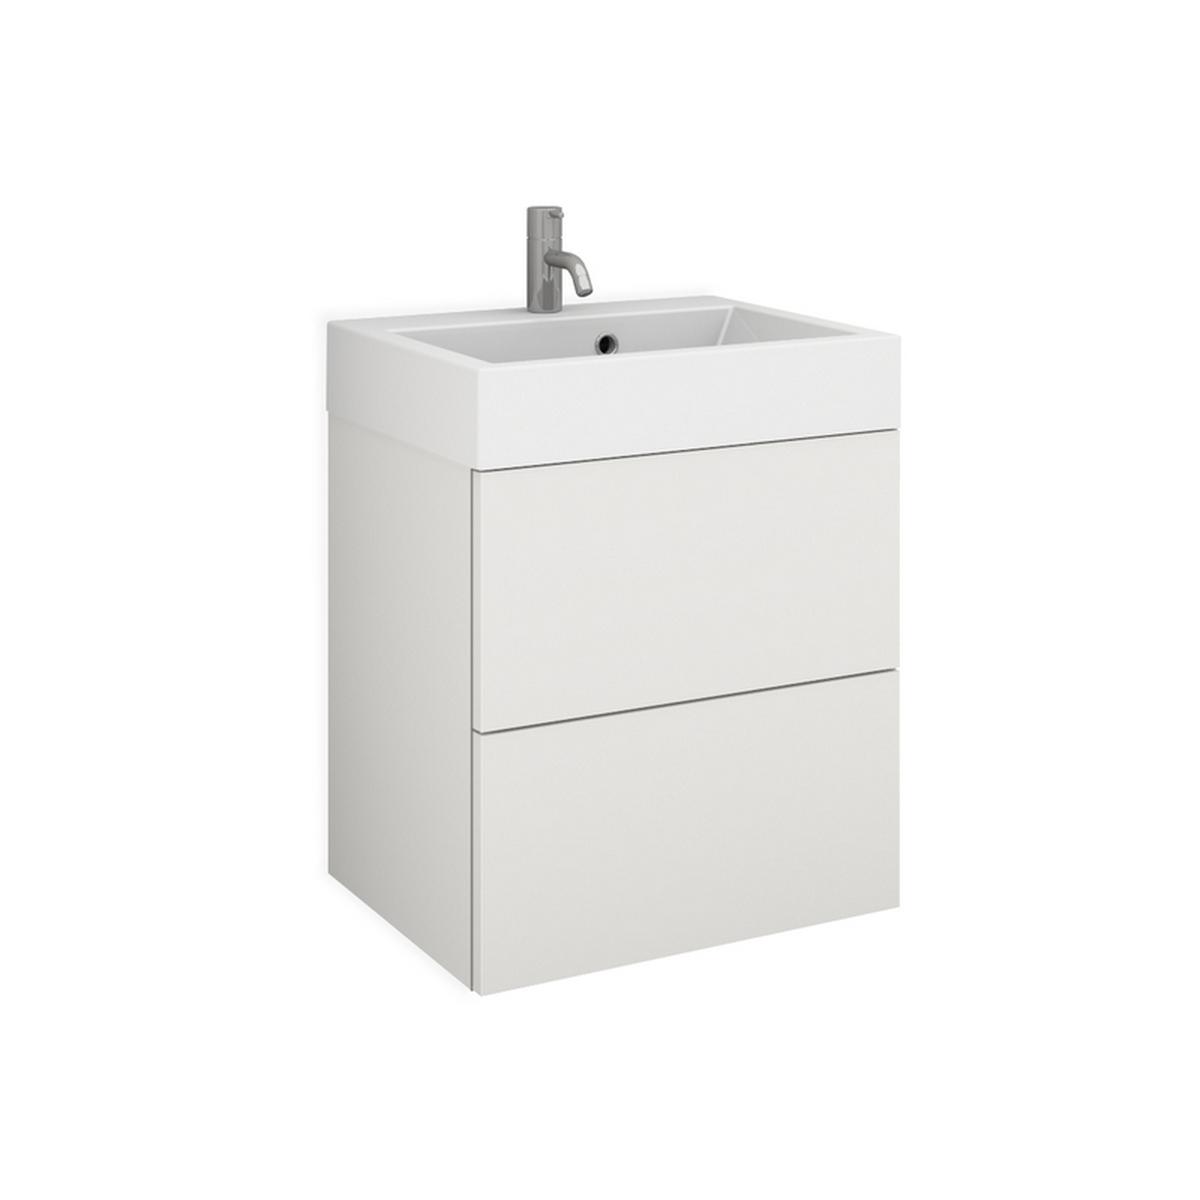 ballena 50 waschtisch set mit schublade auszug. Black Bedroom Furniture Sets. Home Design Ideas